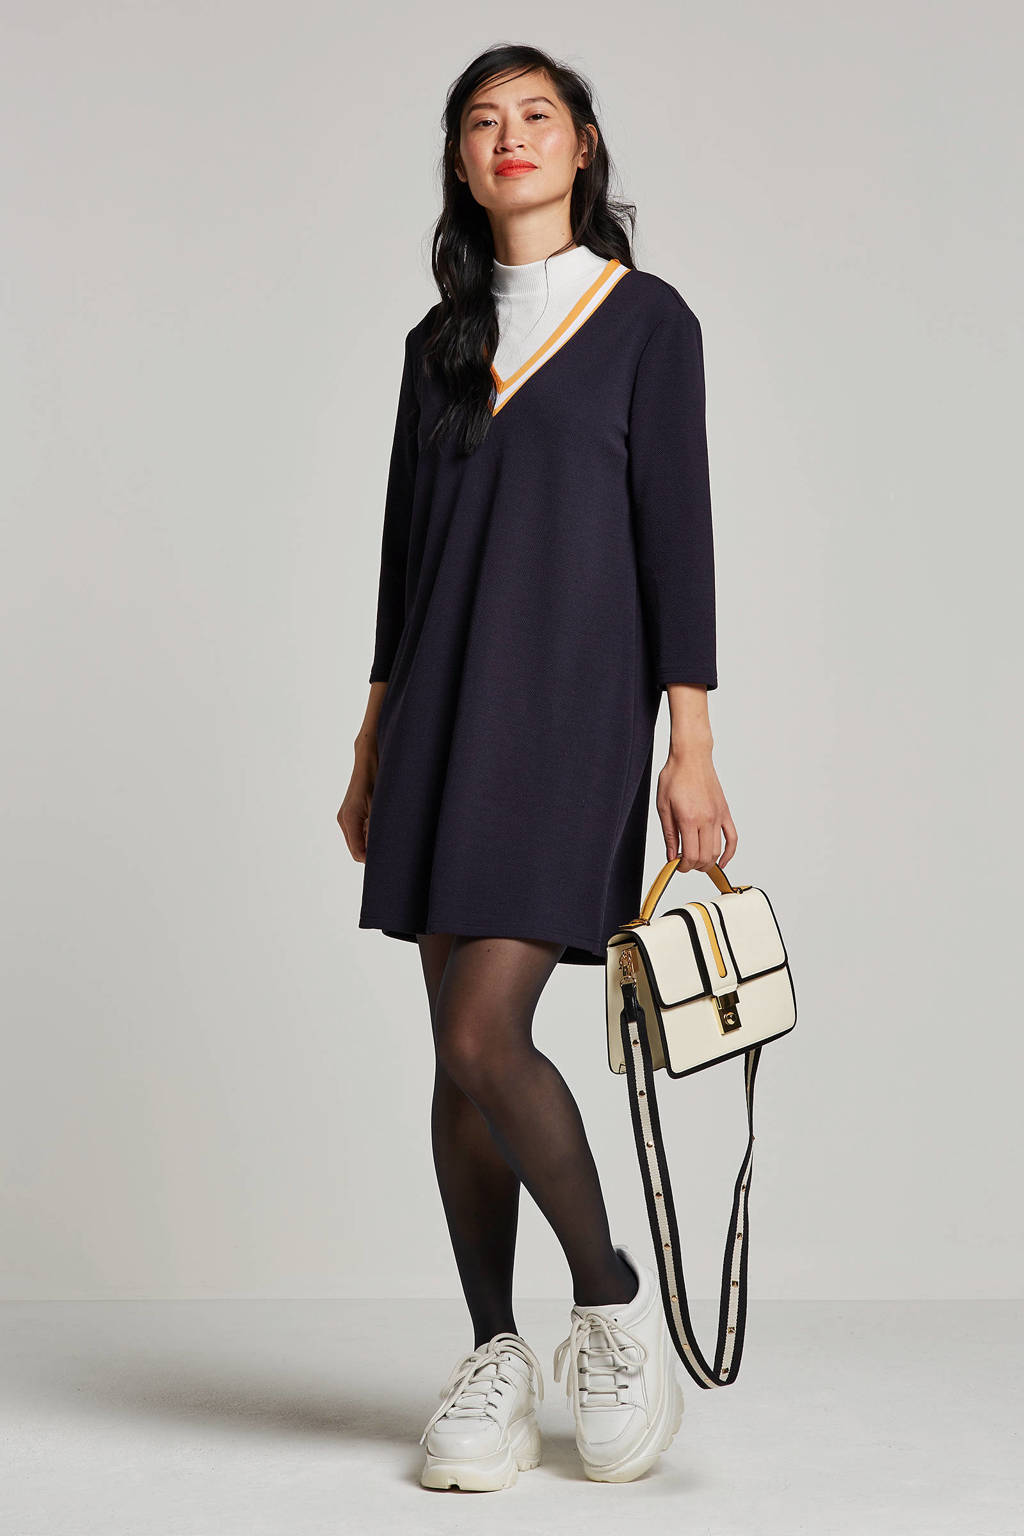 VERO MODA jurk met V-hals, Donkerblauw/geel/wit